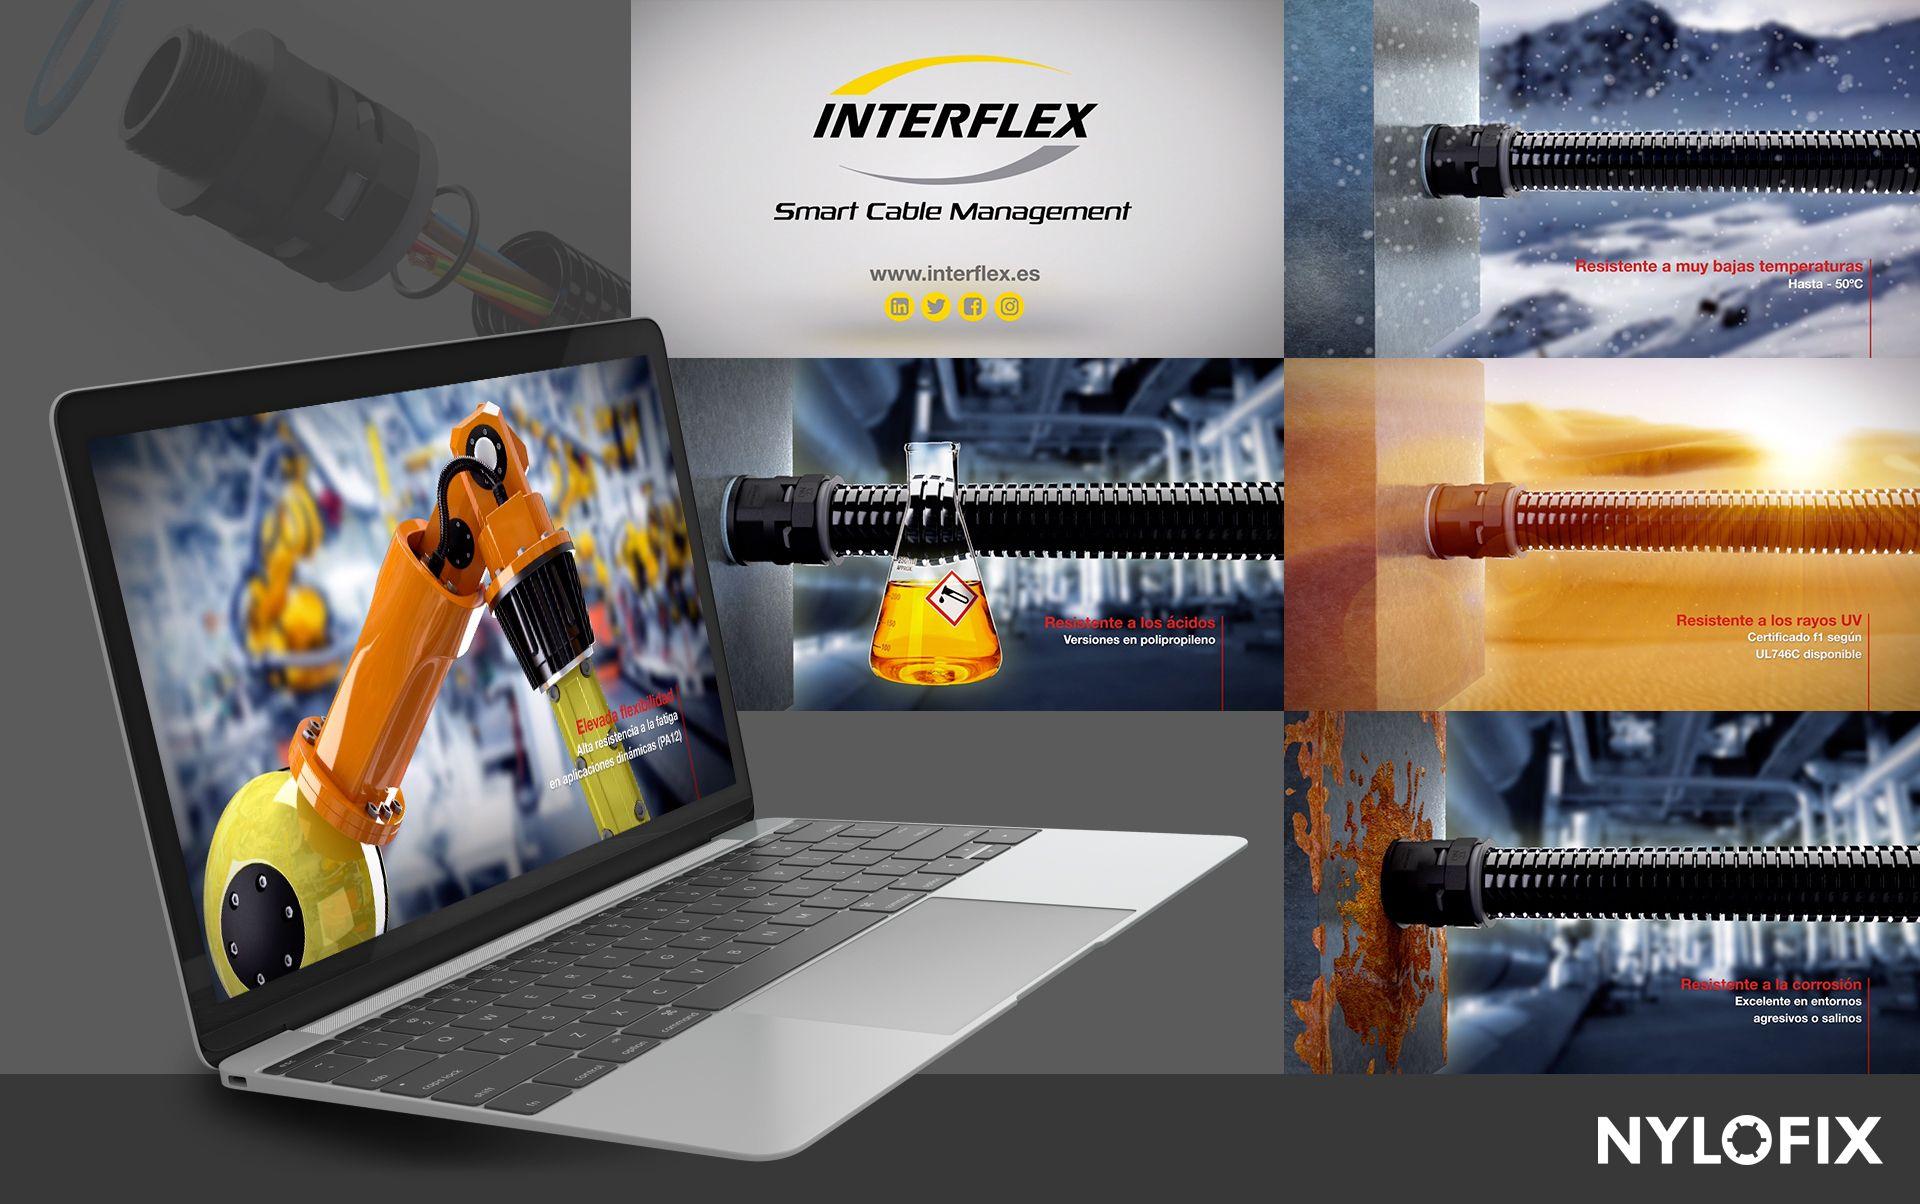 video 3d de producto industrial - Vídeo de presentación de producto industrial